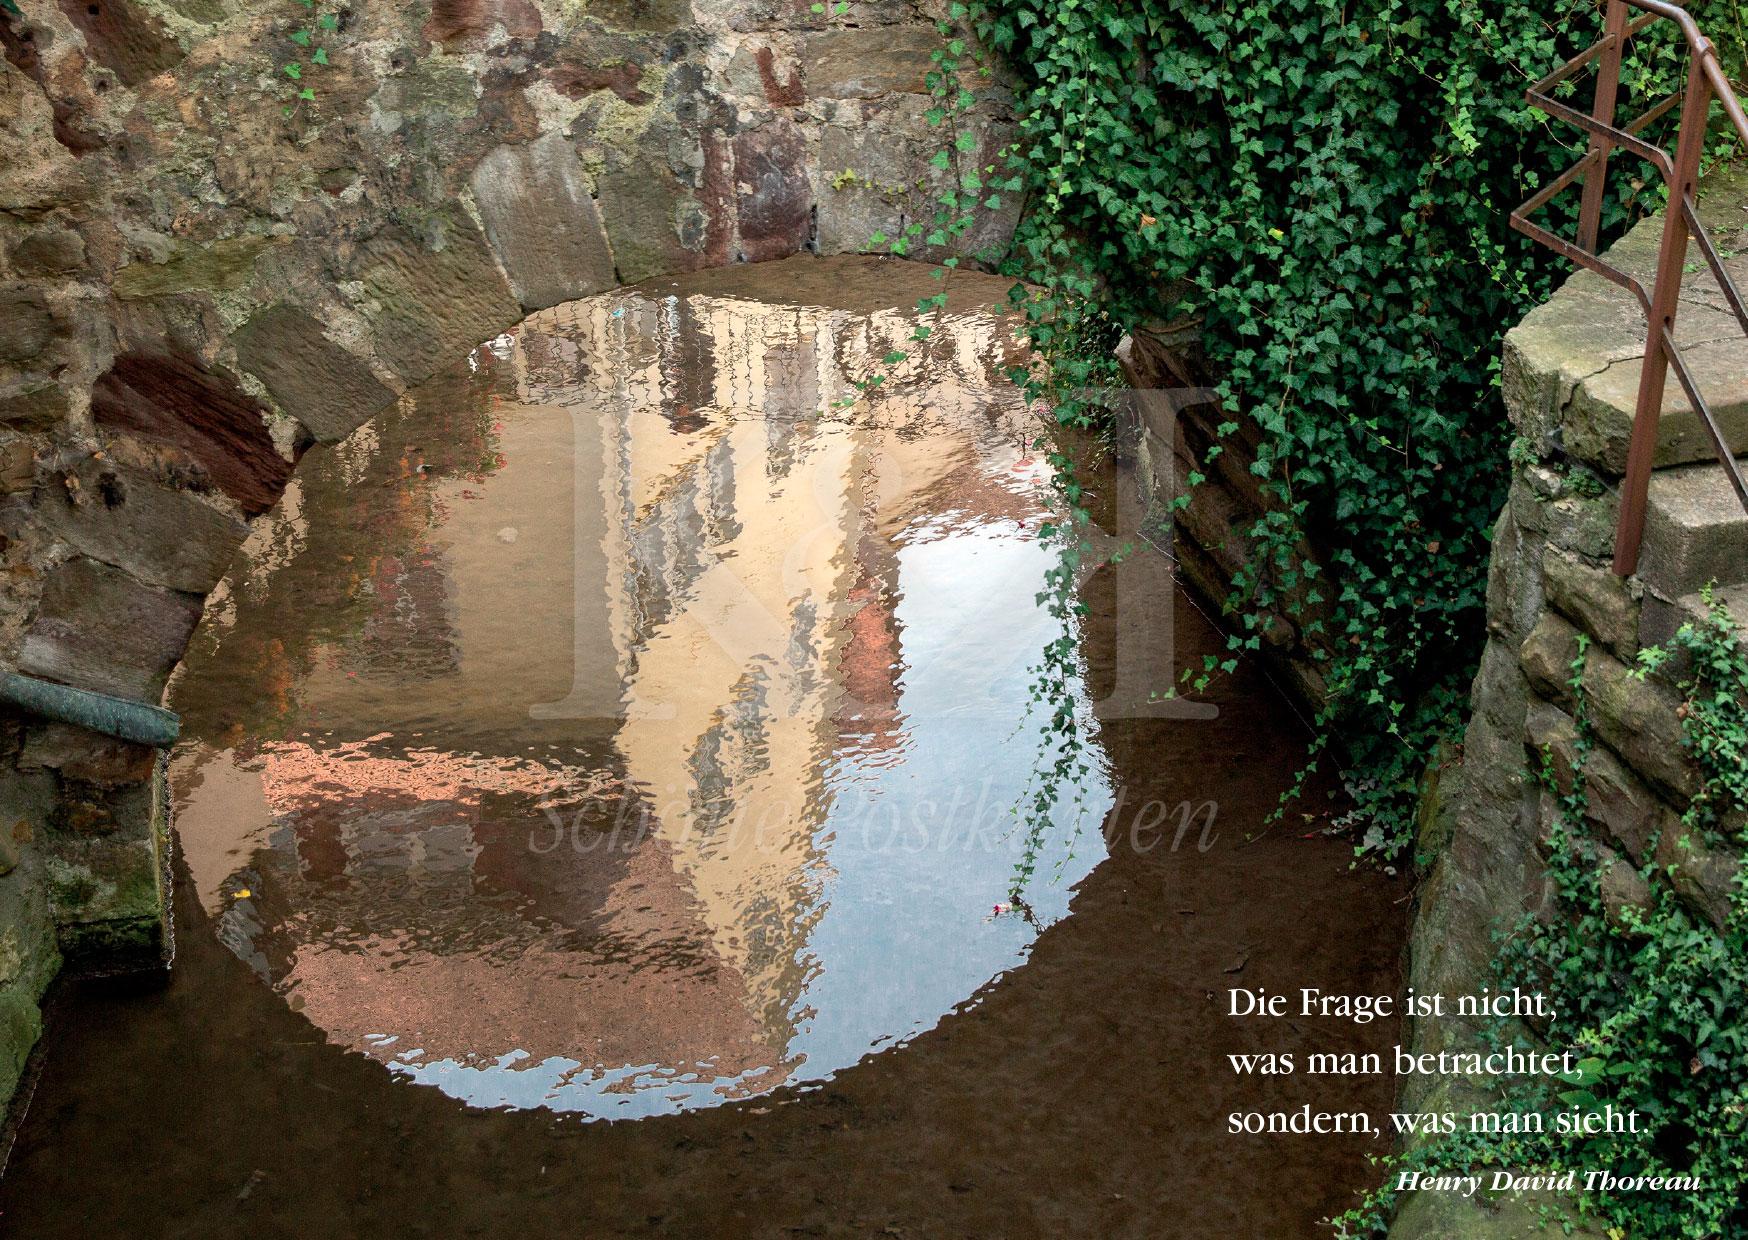 >>> NEU: Schöne Postkarte Nr. 30 · Die Ammer in Tübingen zwischen Nonnenhaus und Café Piccolo Sole d'Oro